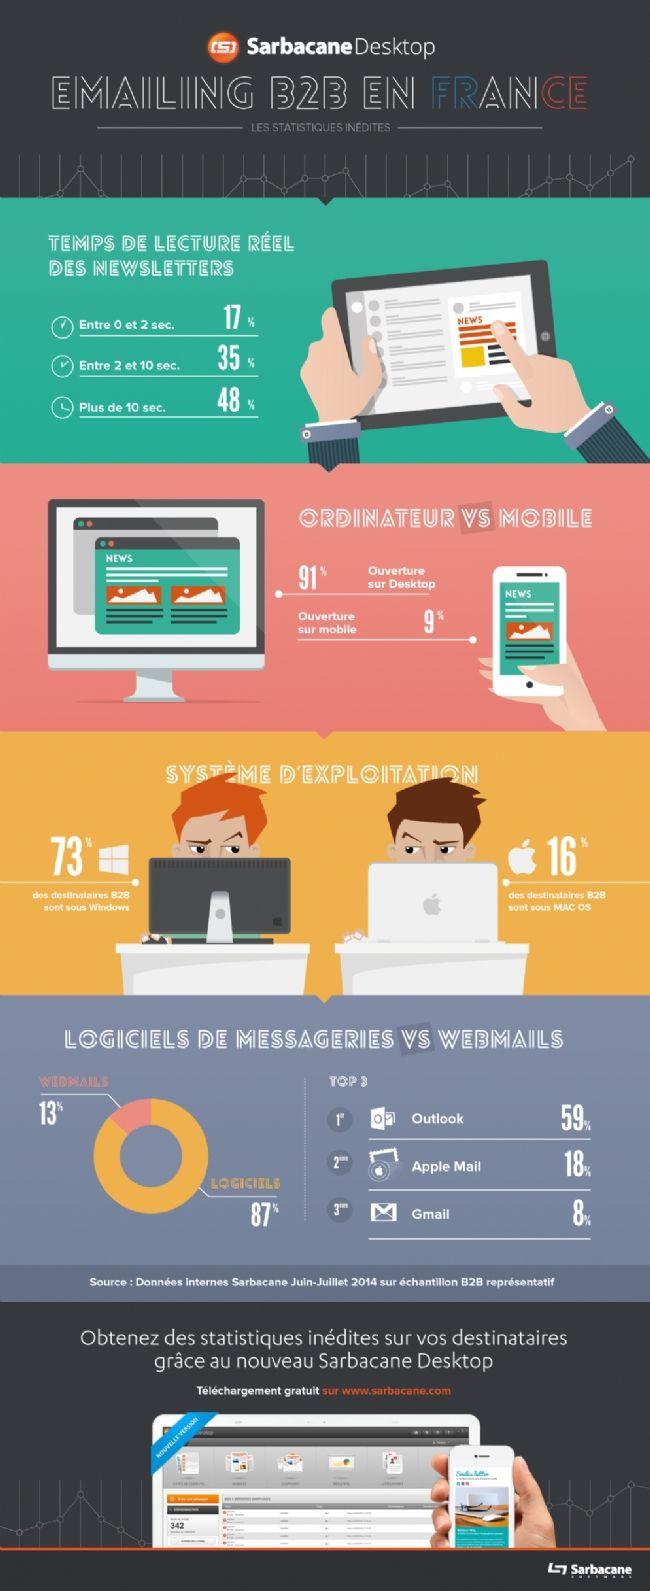 Infographie | Newsletter B to B : les internautes la lisent en moins de 10 secondes